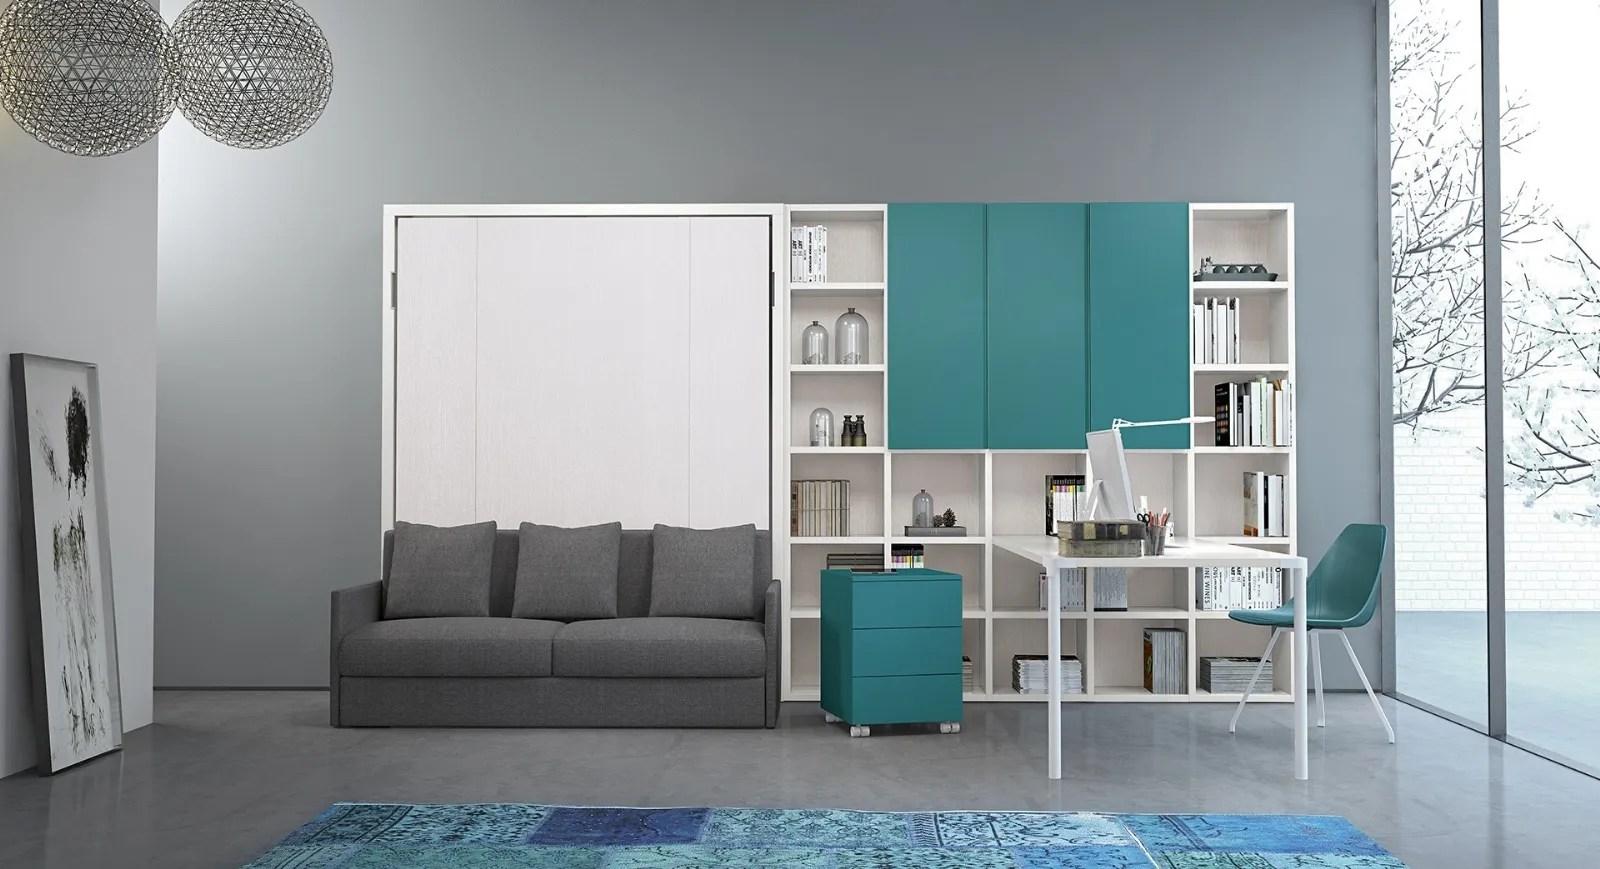 Homelook.it è una grande piattaforma per interior design in italia che facilita la ricerca dei mobili, accessori e complementi d'arredo. Mobili Soggiorno Moderni Di Ikea Mercatone Uno E Chateaux D Ax